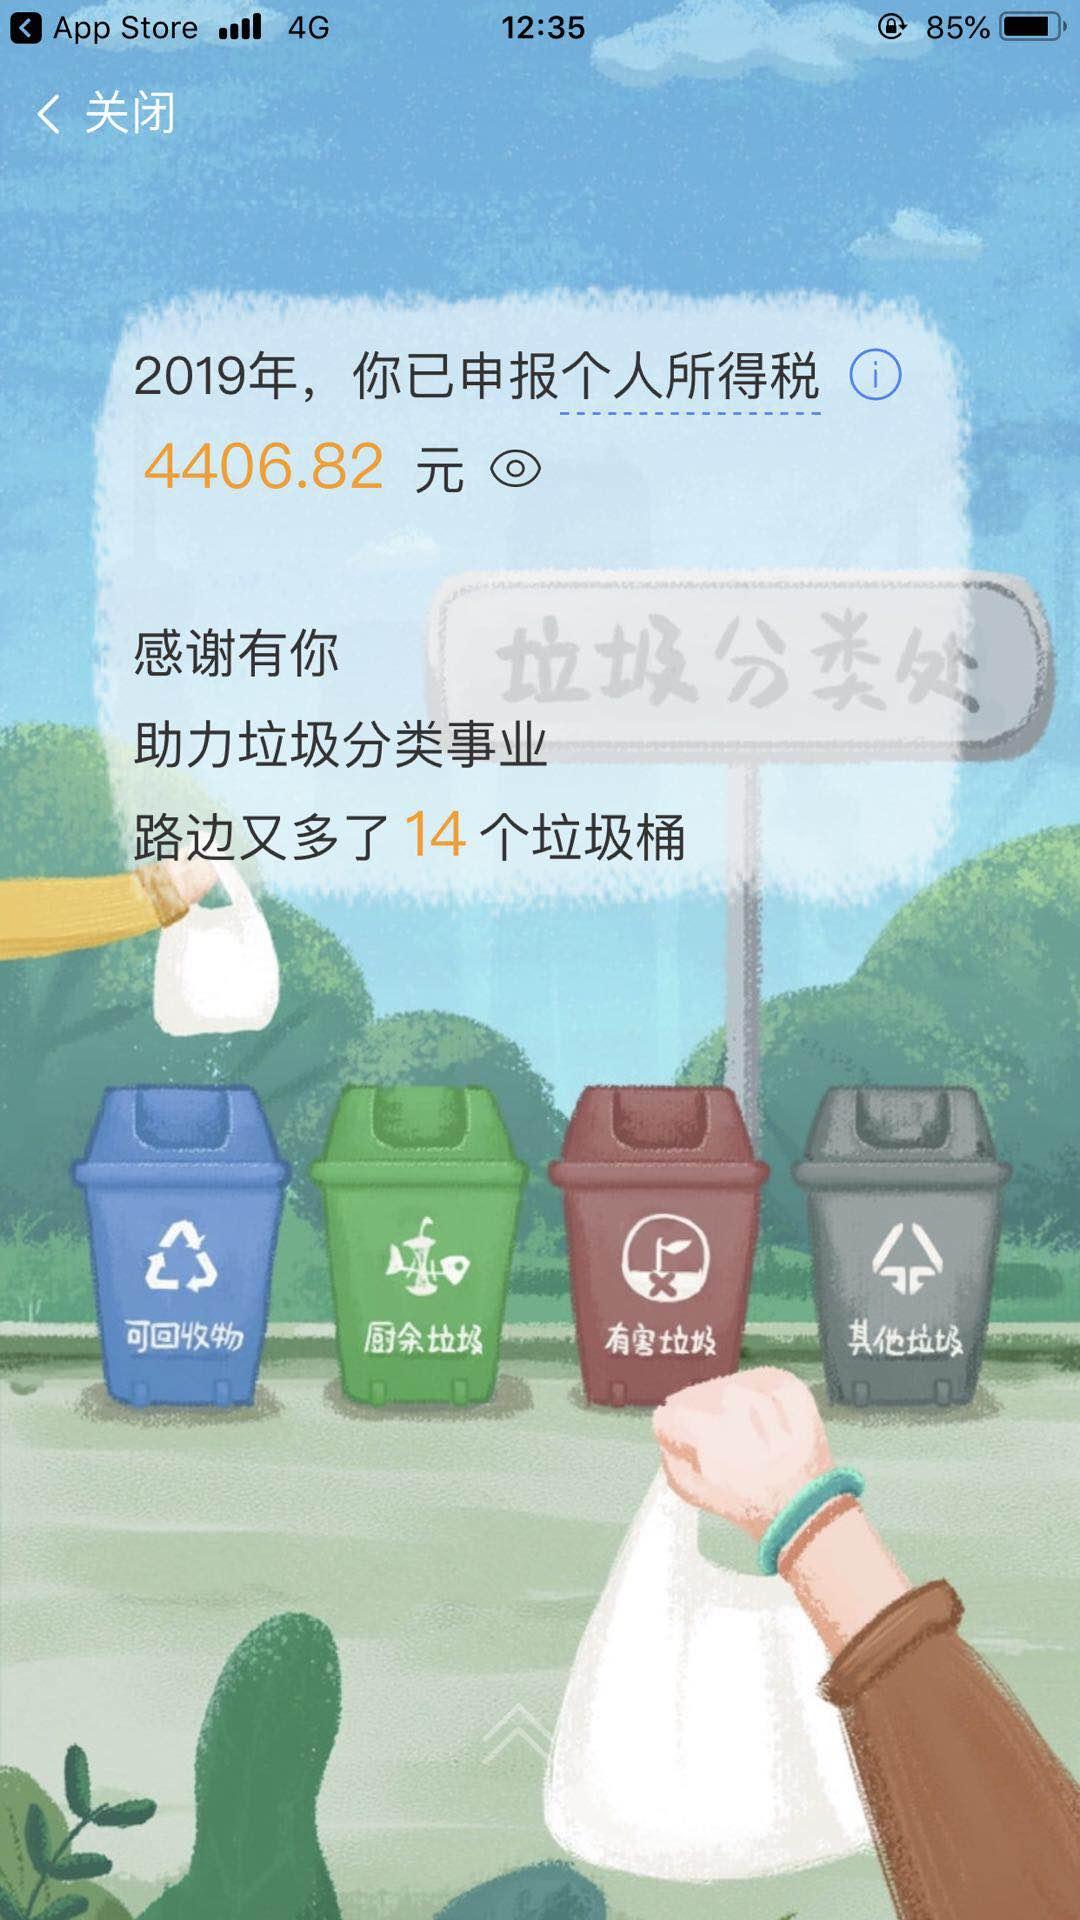 原来垃圾桶这么贵啊插图